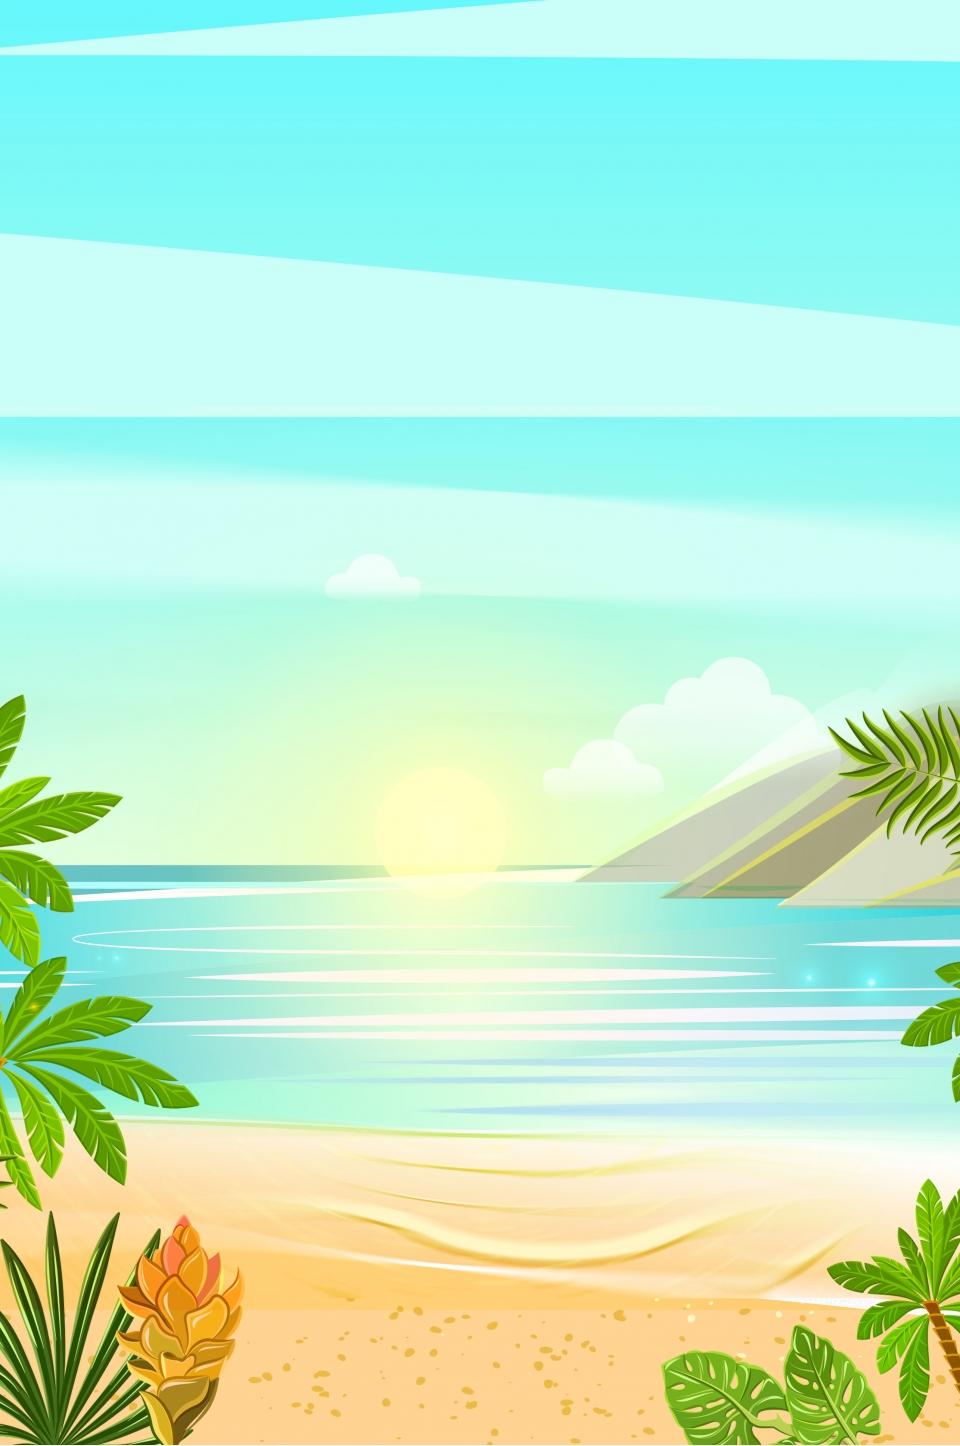 Minimal Summer Beach Travel Hd Background Simple Summer Summer Background Image For Free Download